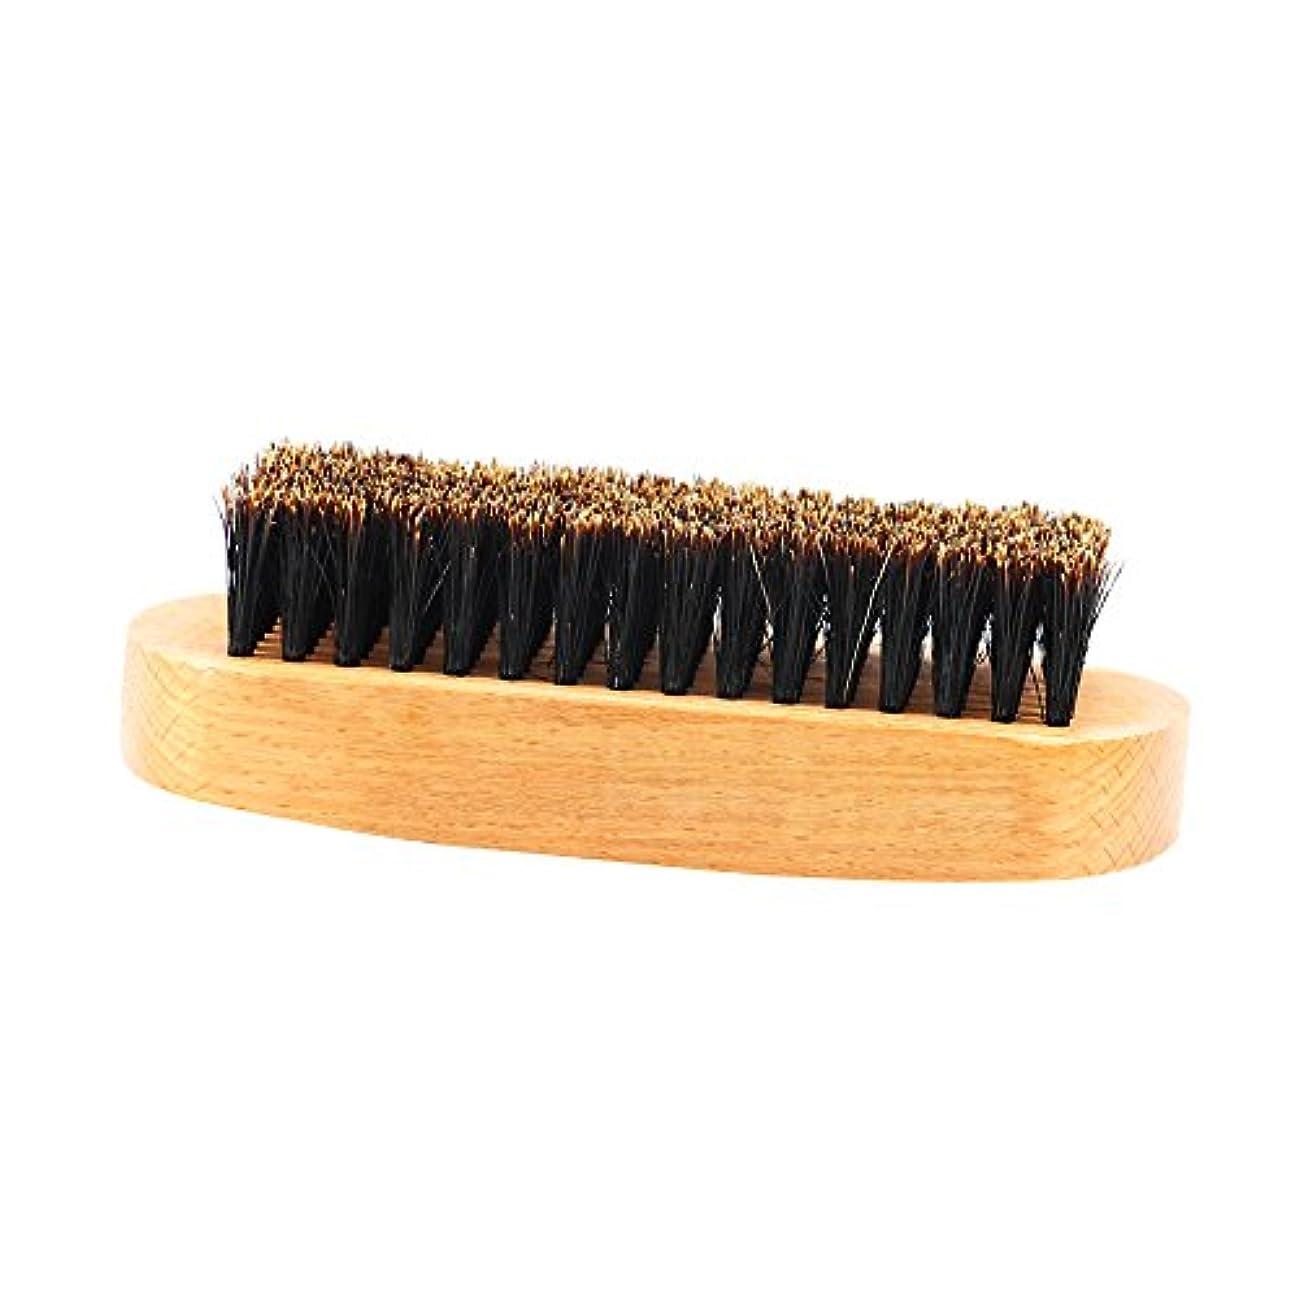 判定お金貧困CUTICATE 人の口ひげのスタイリングの手入れをすることのための木のハンドルのひげのブラシのイノシシの剛毛 - #1